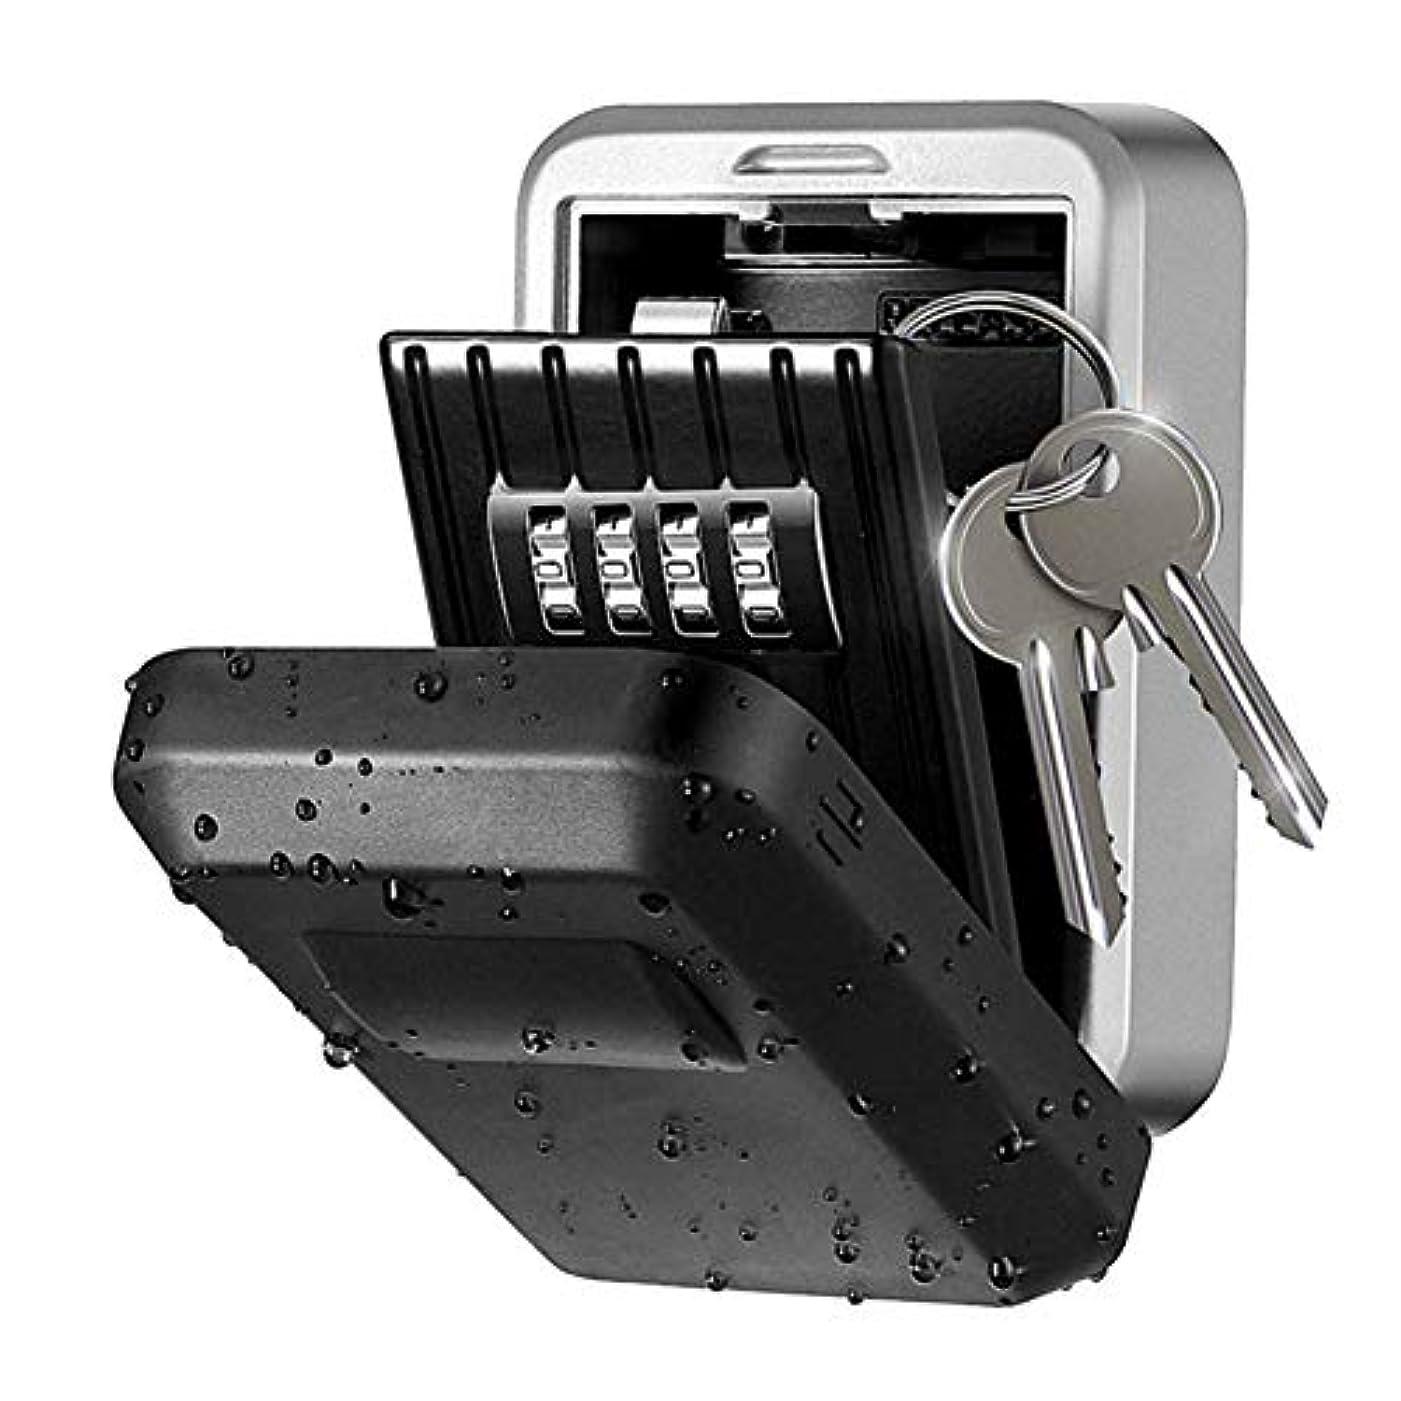 アブセイクリームいつKey Storage Box,ZOZOE Wall Mount Key Lock Box - Strong, Metal, Outdoors 4 Digit Combination Wall Mount Key Safe...